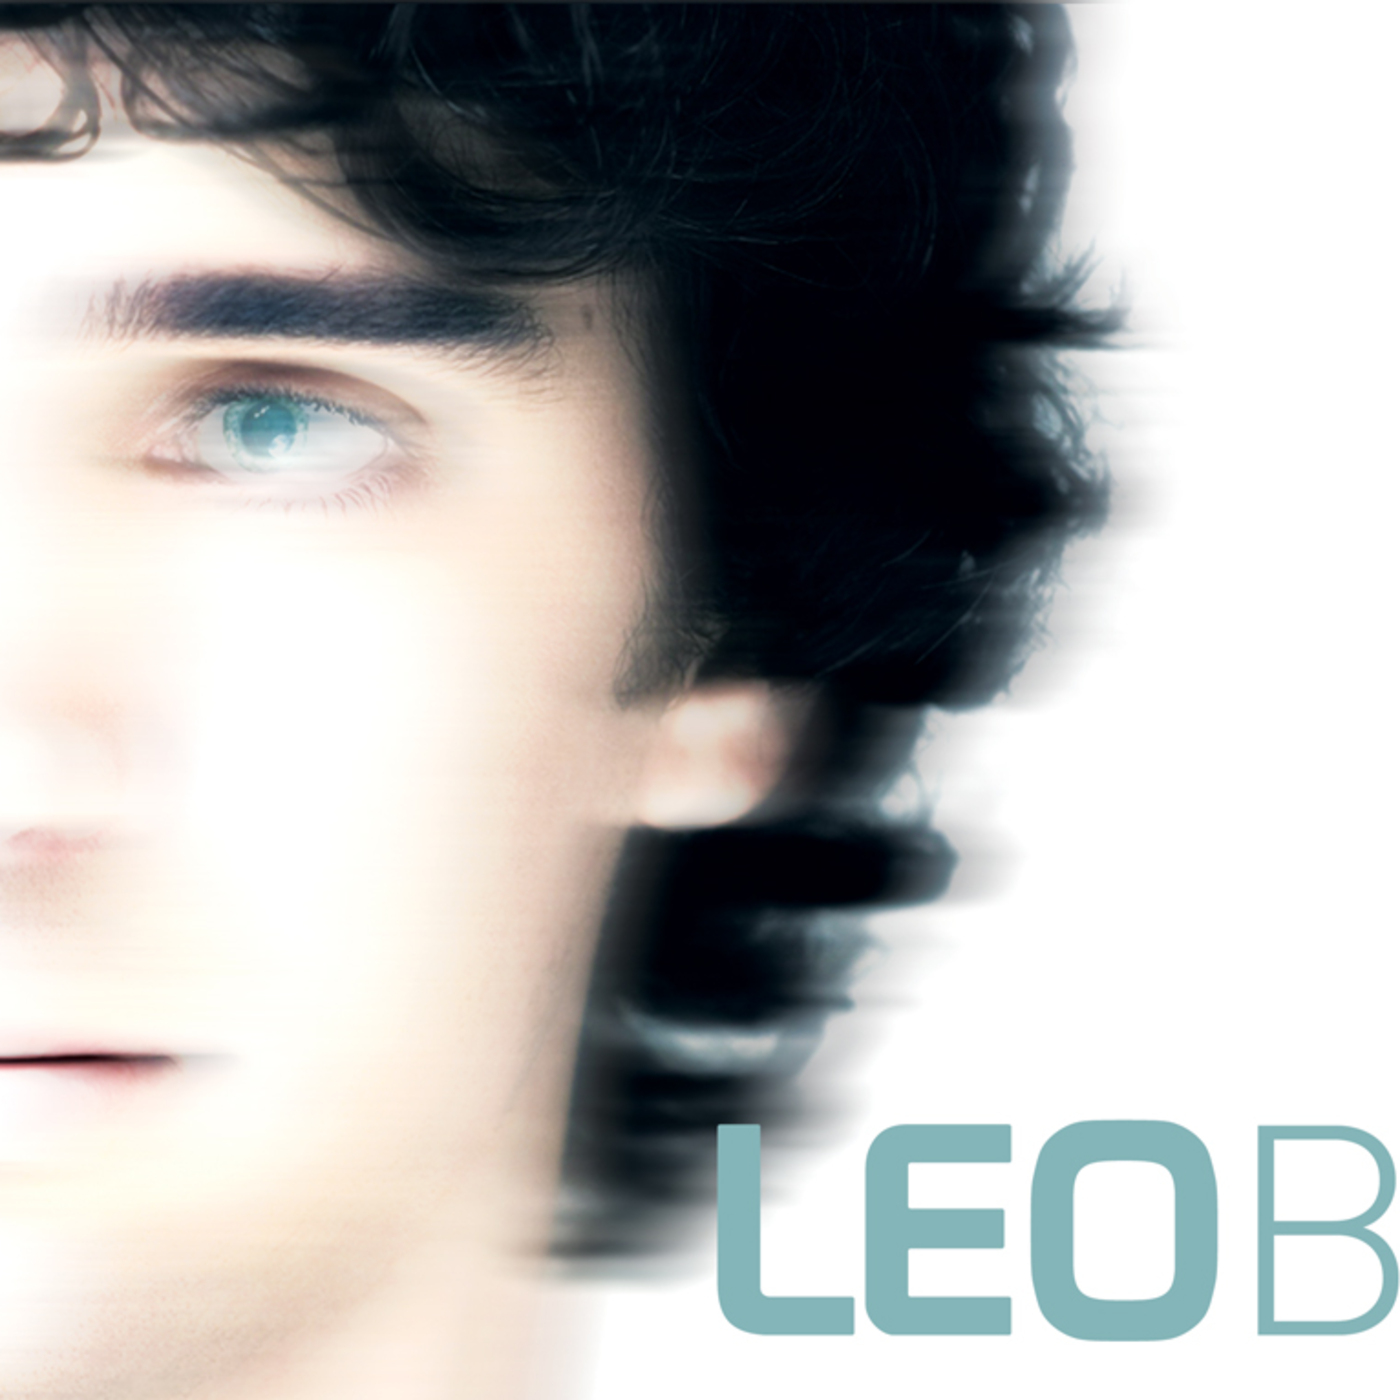 Leo B's Podcast